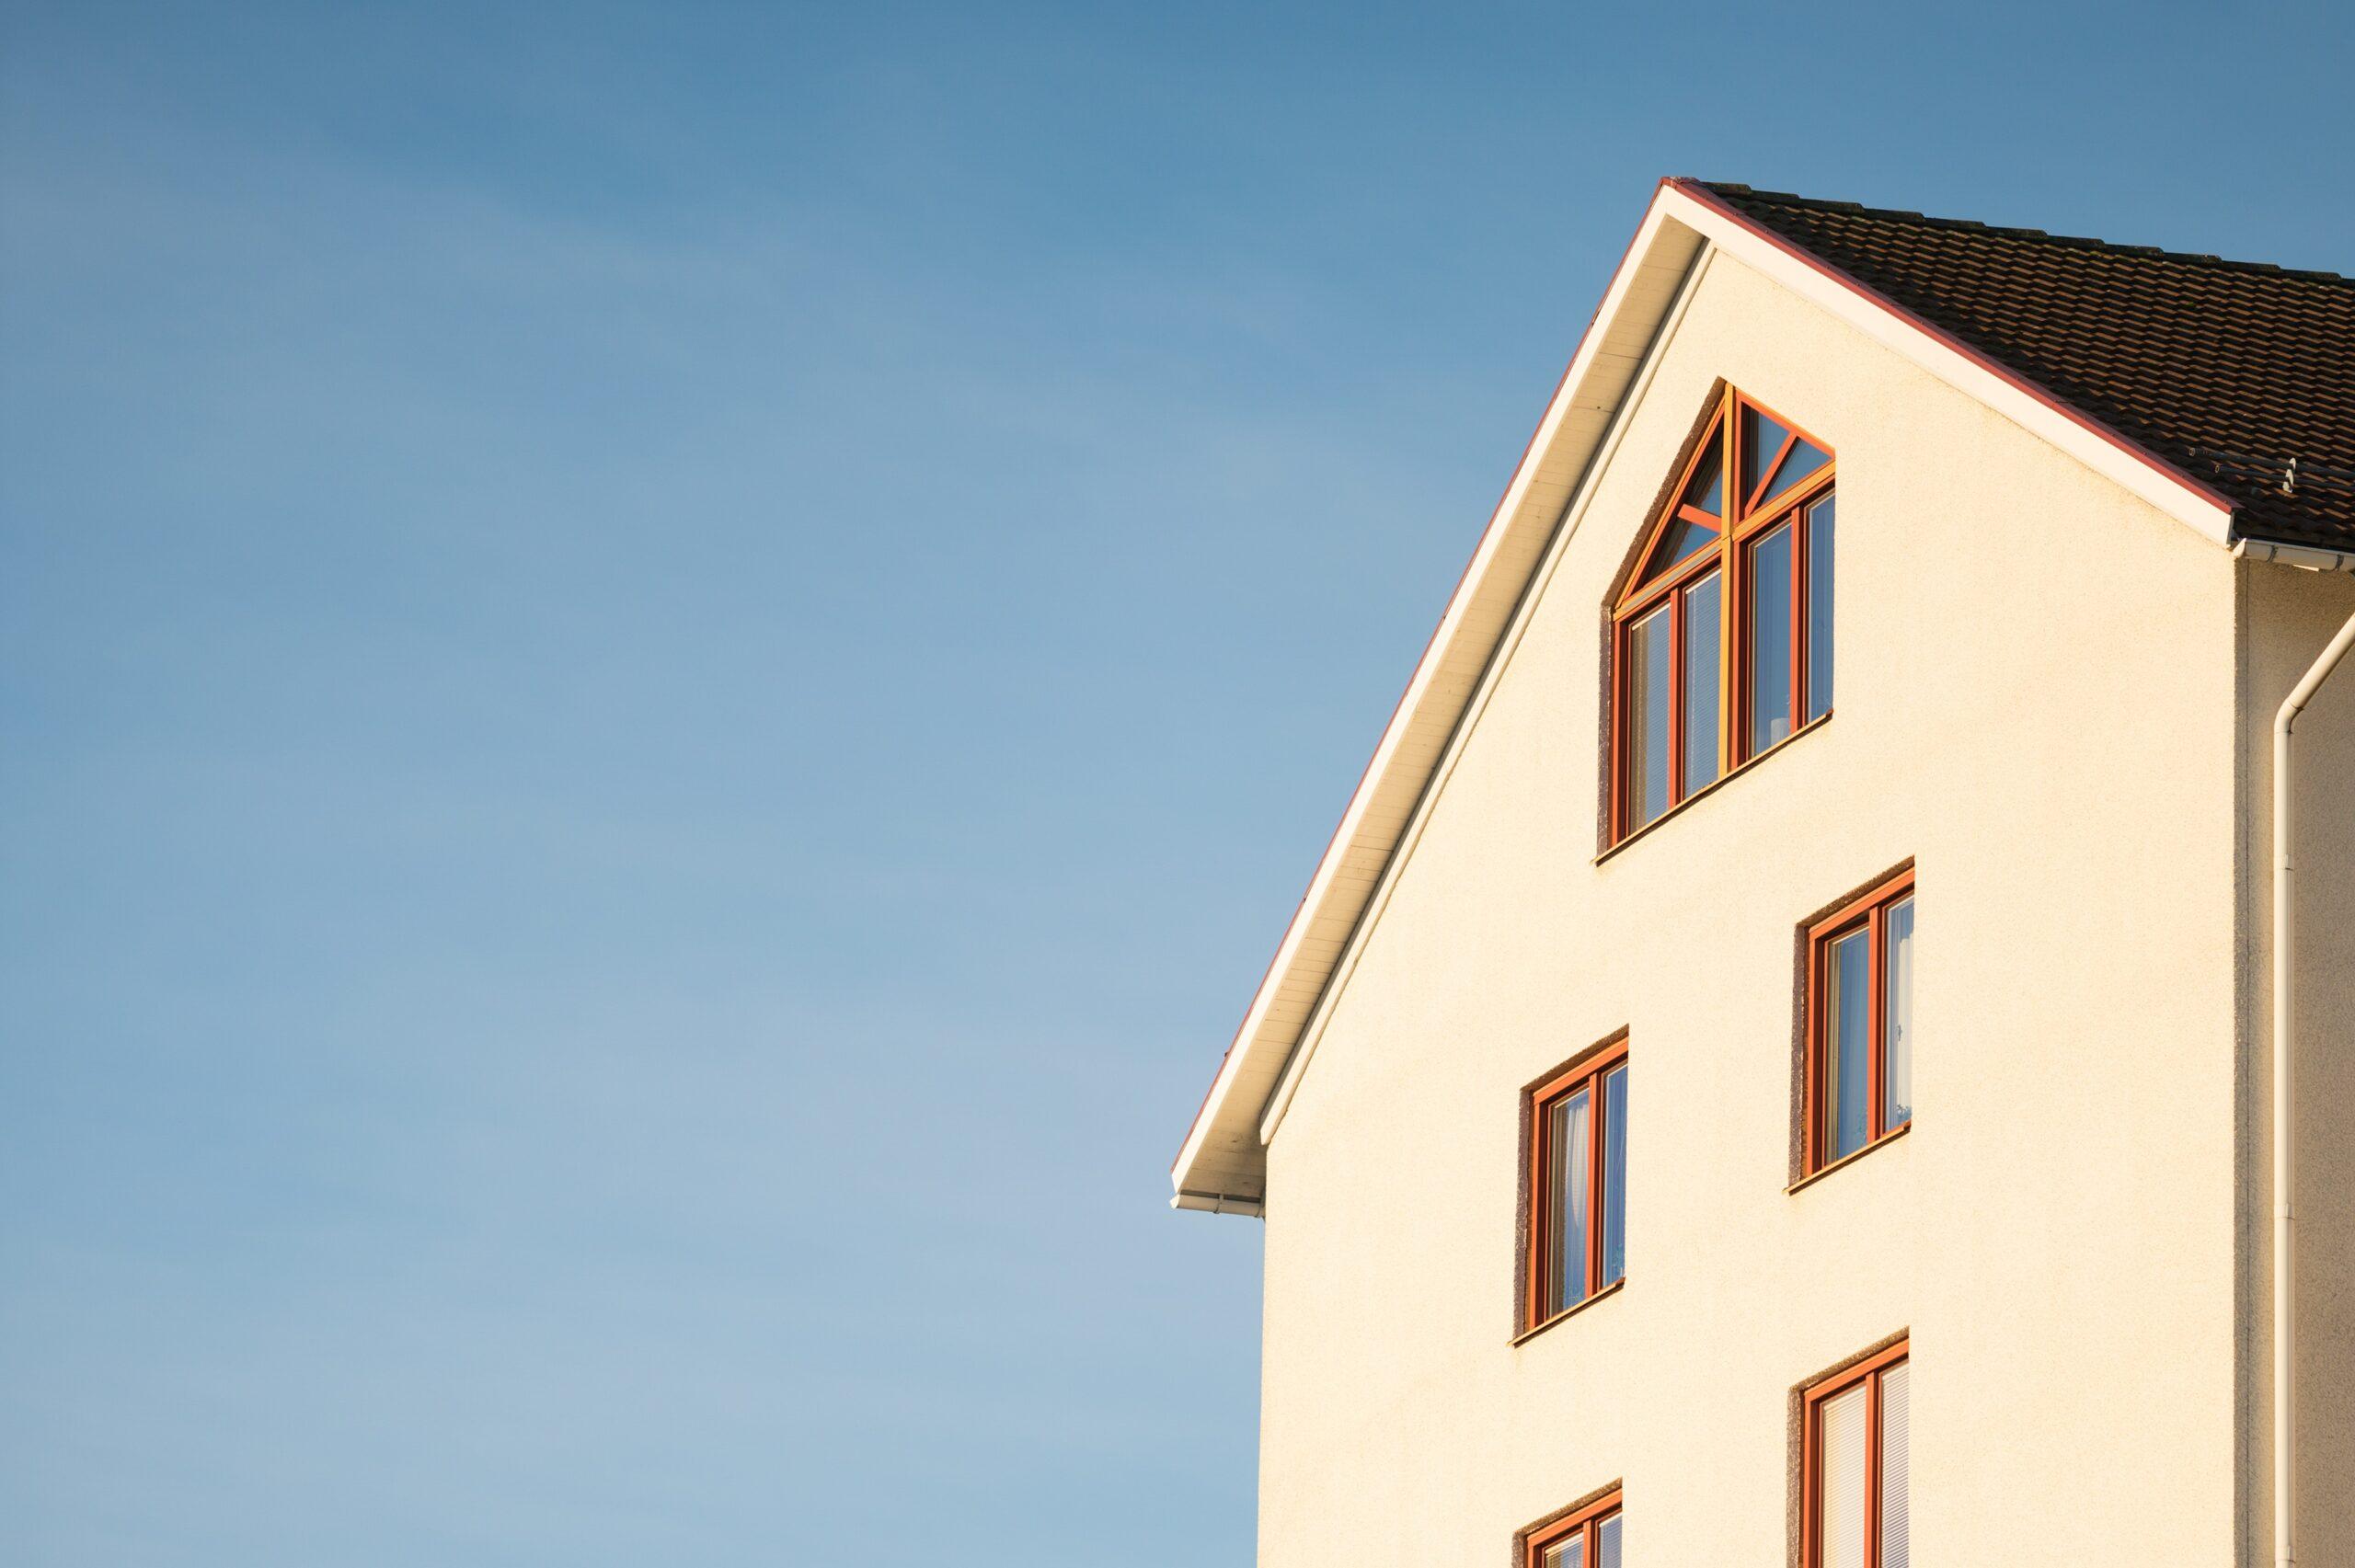 Адвокат по статье 139 УК РФ Нарушение неприкосновенности жилища в Москве и РФ, стоимость услуг адвоката